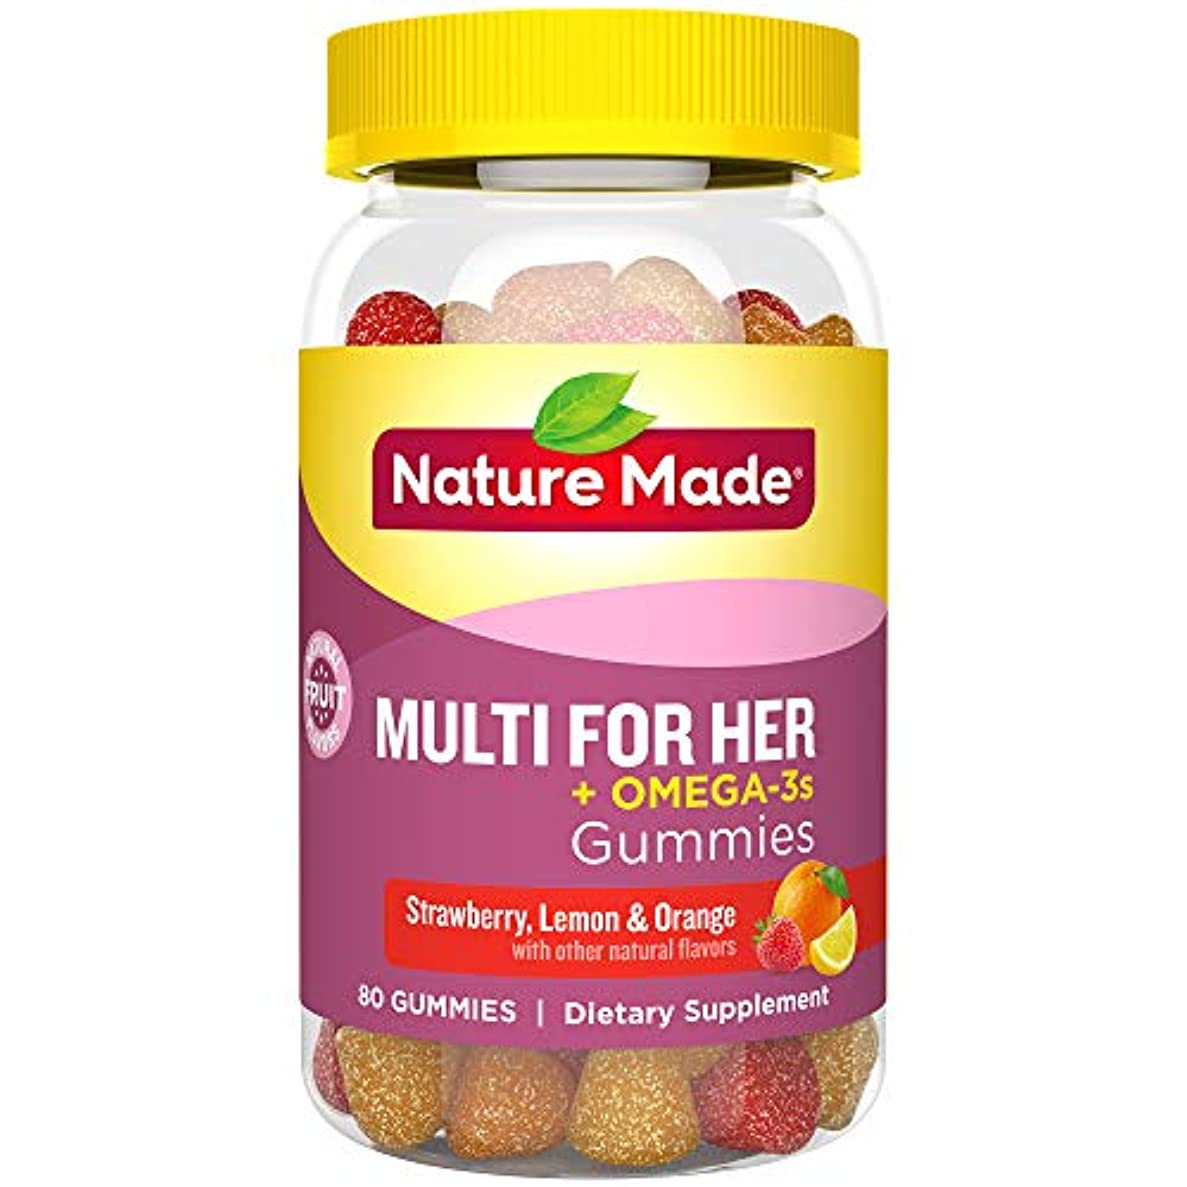 敵意打たれたトラック決定するNature Made Multi for Her + Omega-3 Adult Gummies EPA and DHA 80Gummies